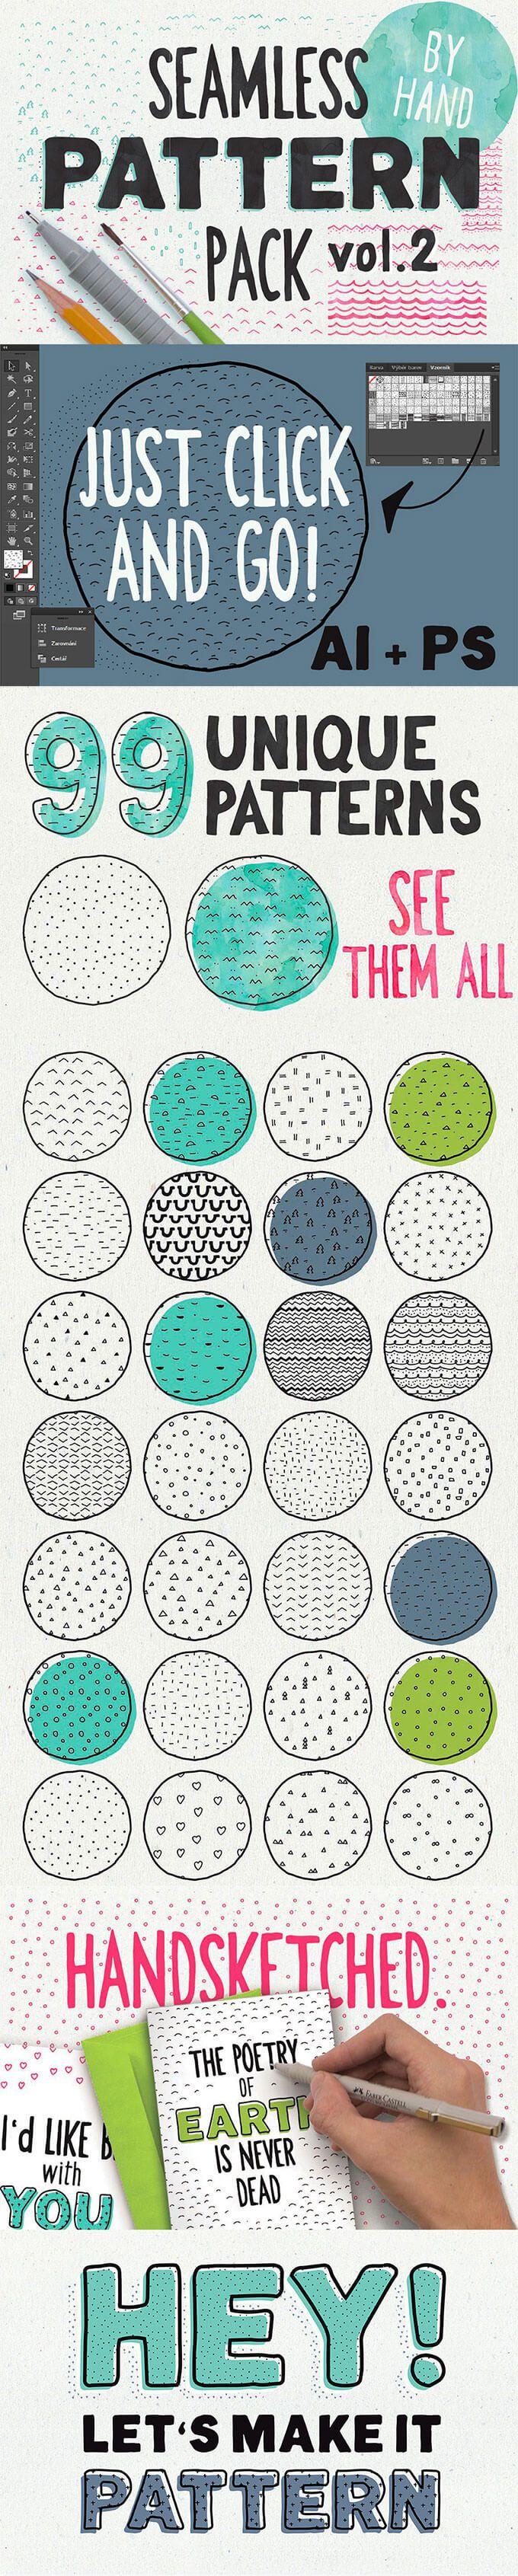 商用可でクリエイティブ!1000個の手描きイラスト素材完全キット The Creative Designer's Complete Illustration Kit - PhotoshopVIP